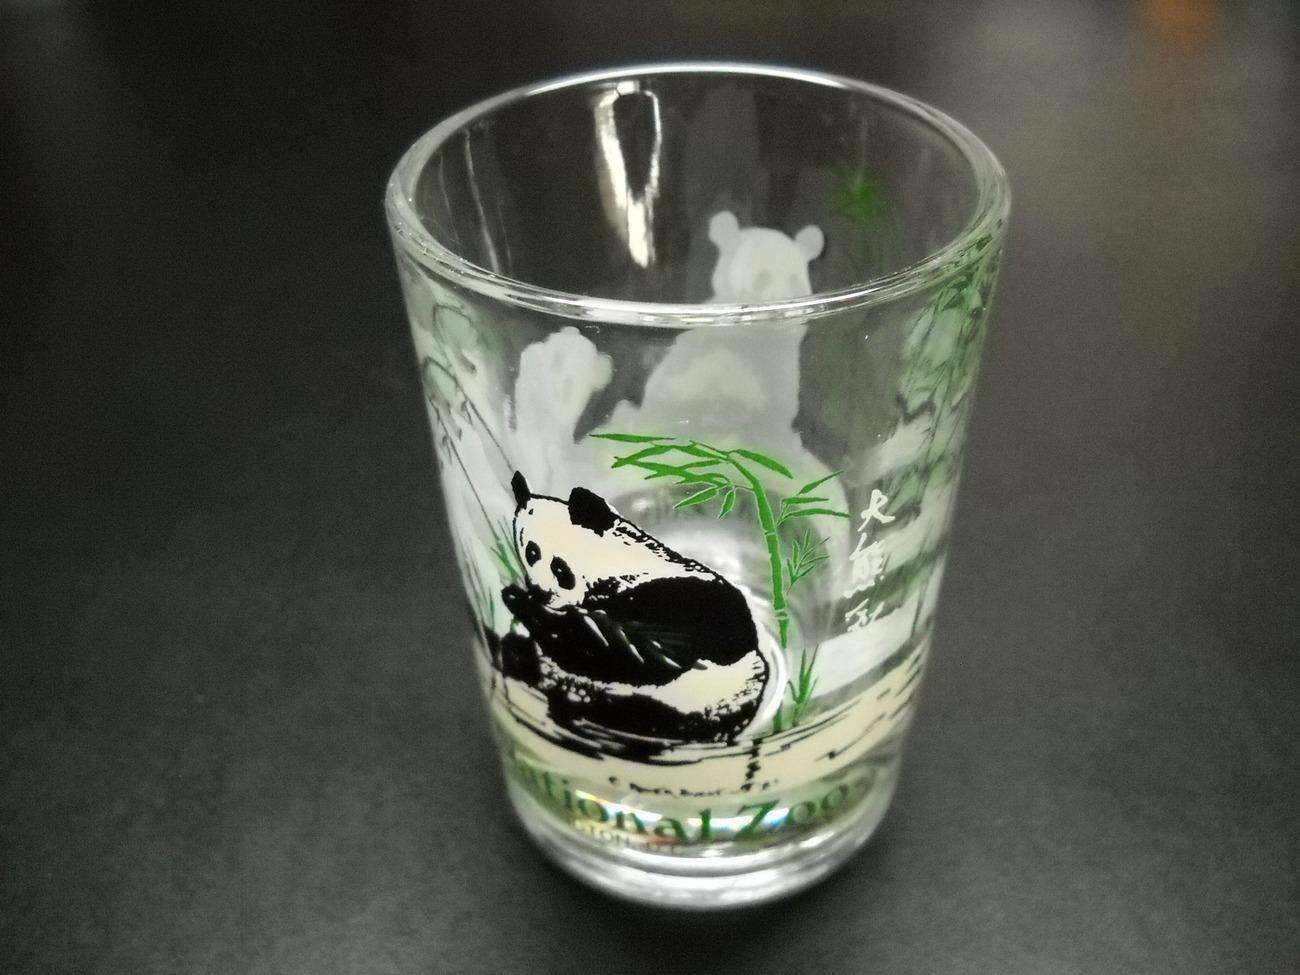 National Zoo Washington DC Double Shot Glass Pandas In a Green Bamboo Setting